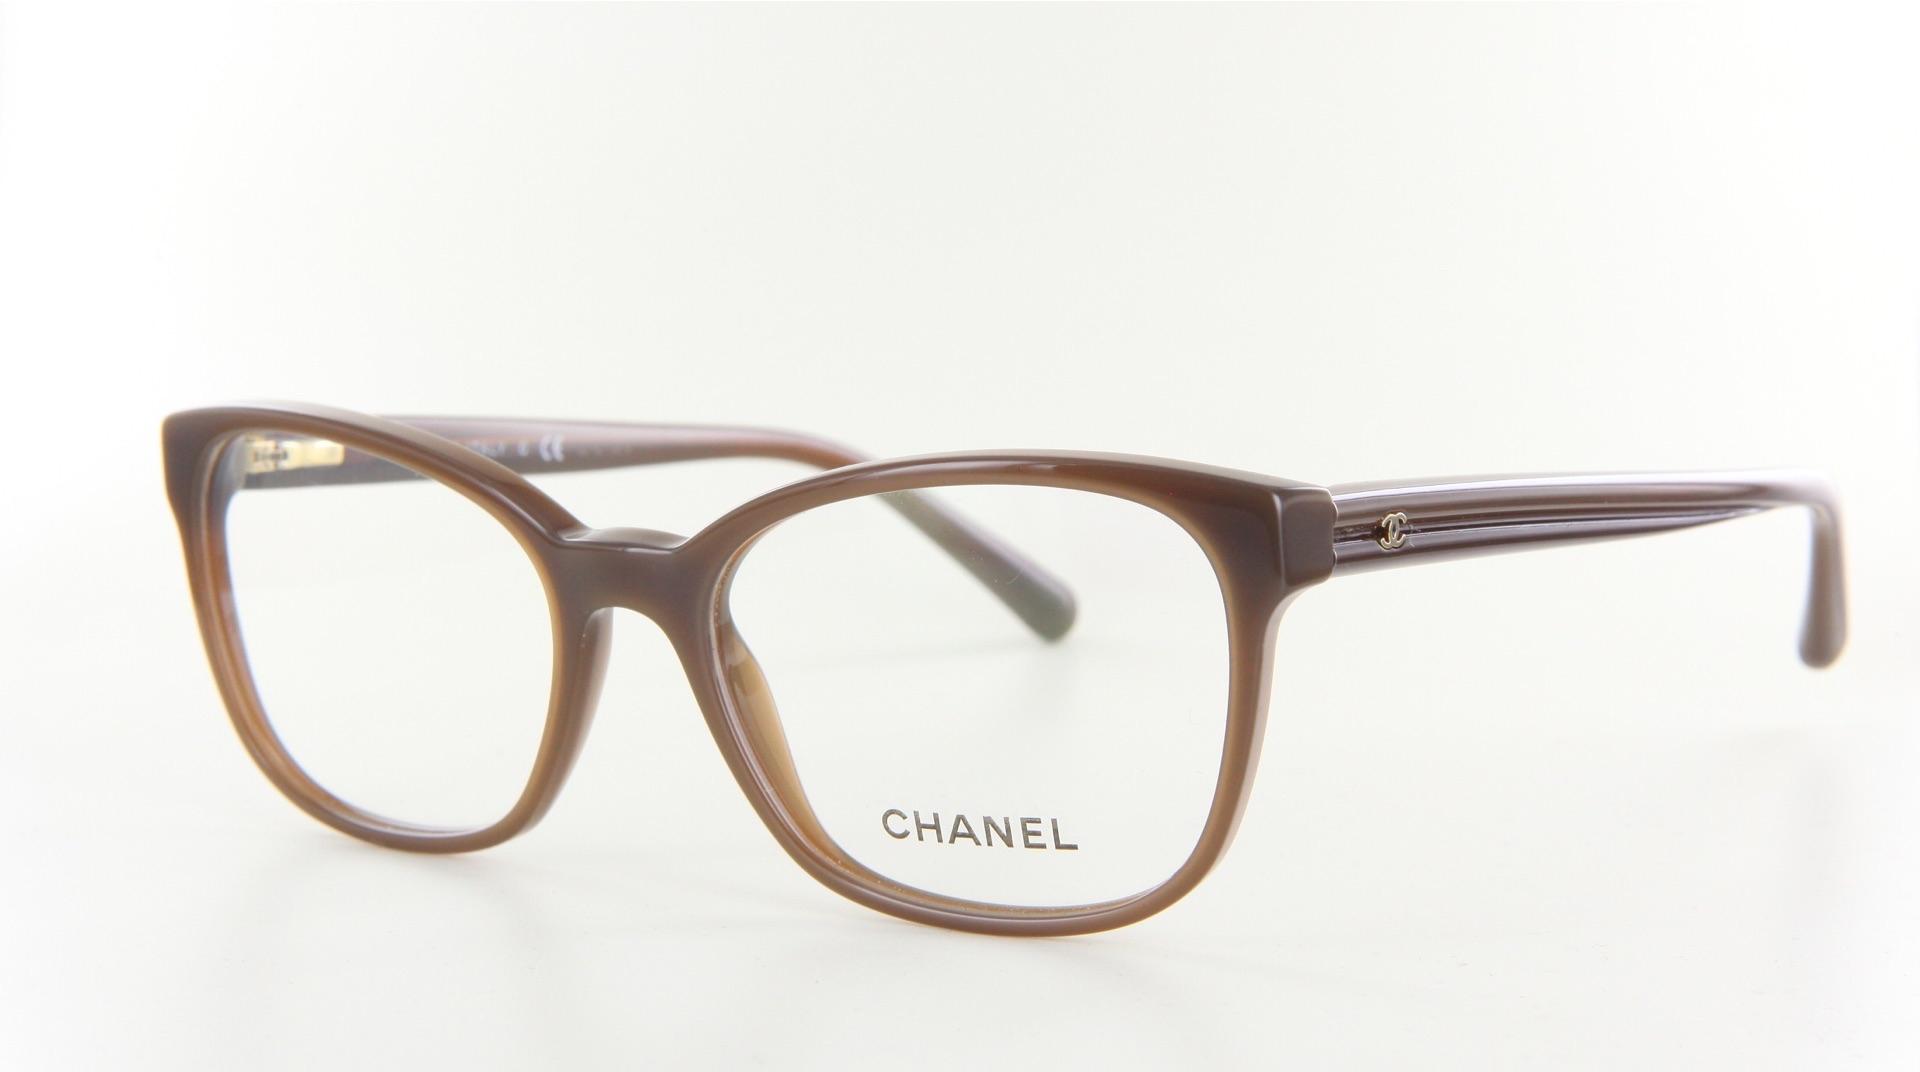 Chanel - ref: 72590